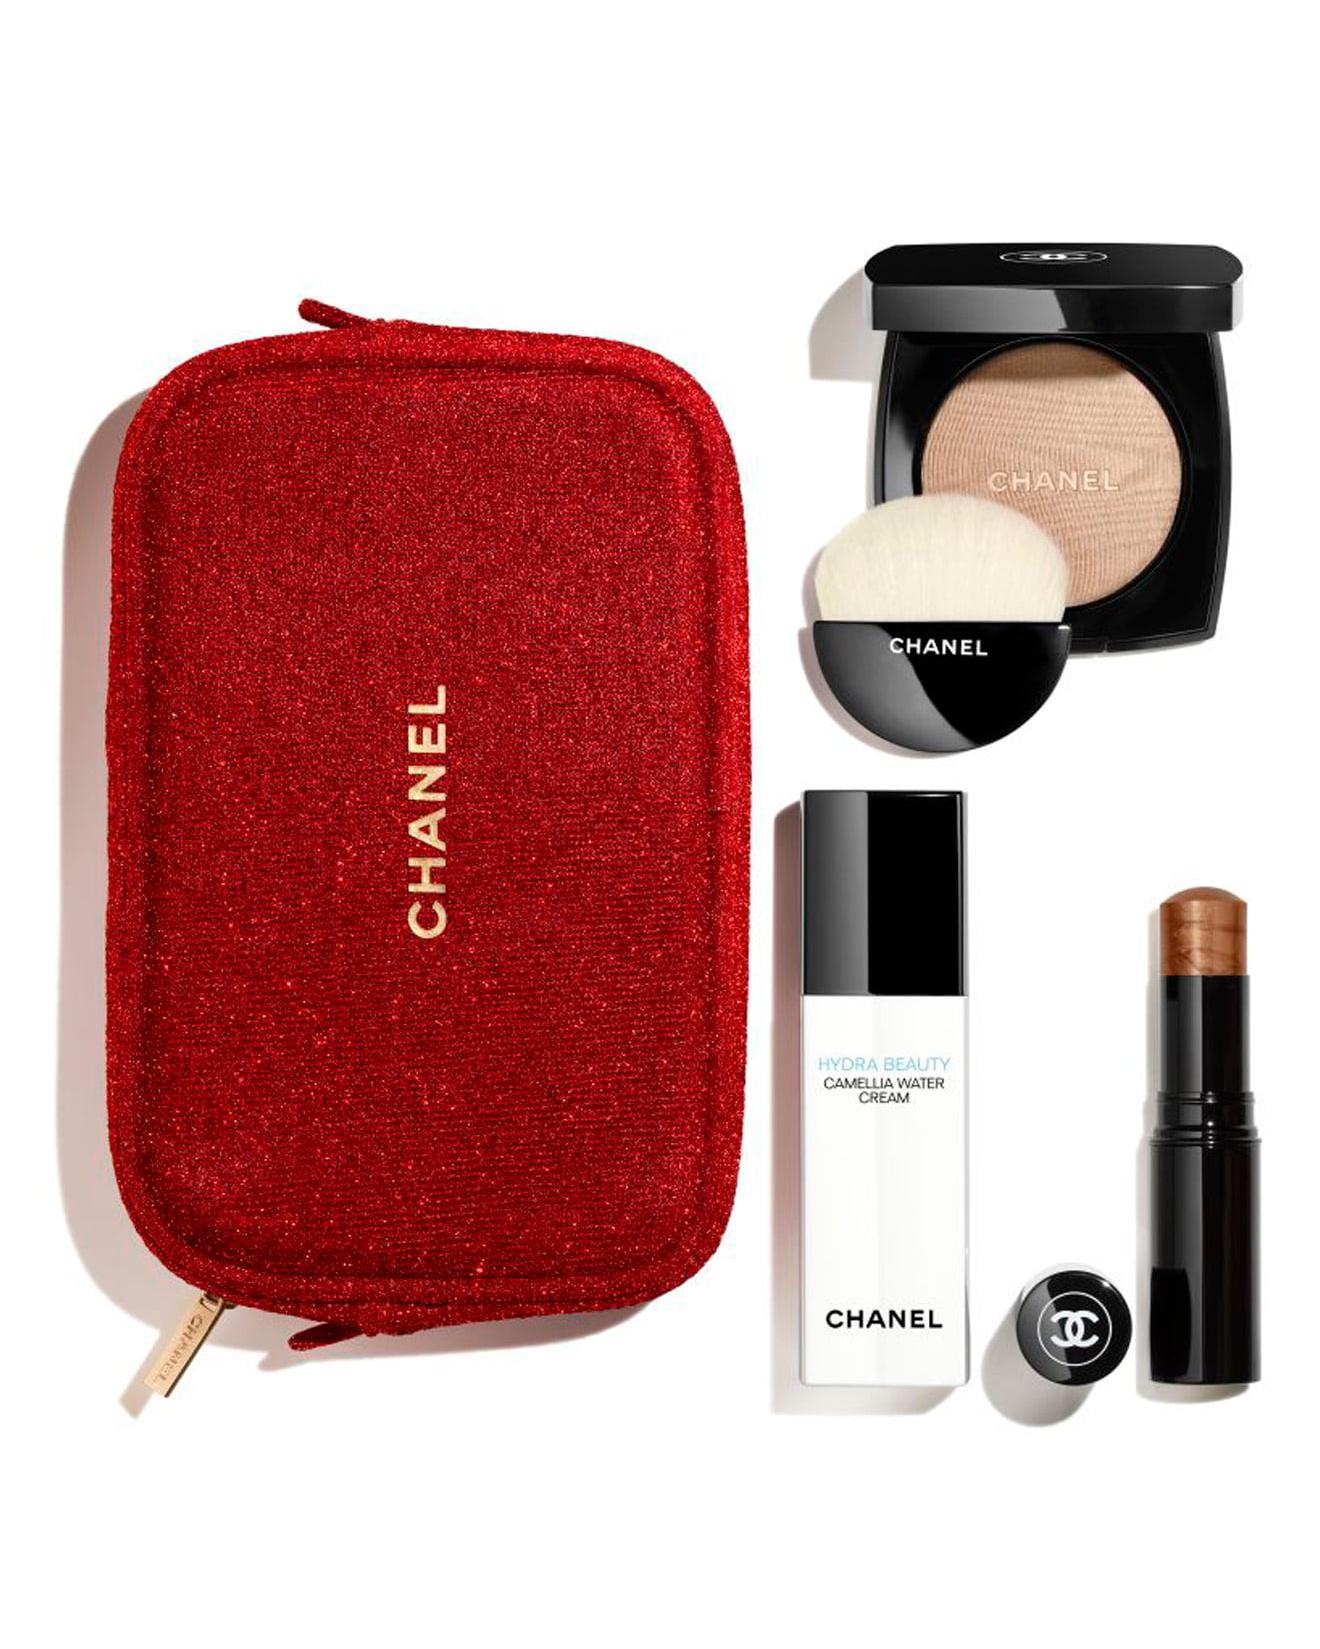 Chanel Instant Illumination Beauty Set Luxury Holiday Set 2020